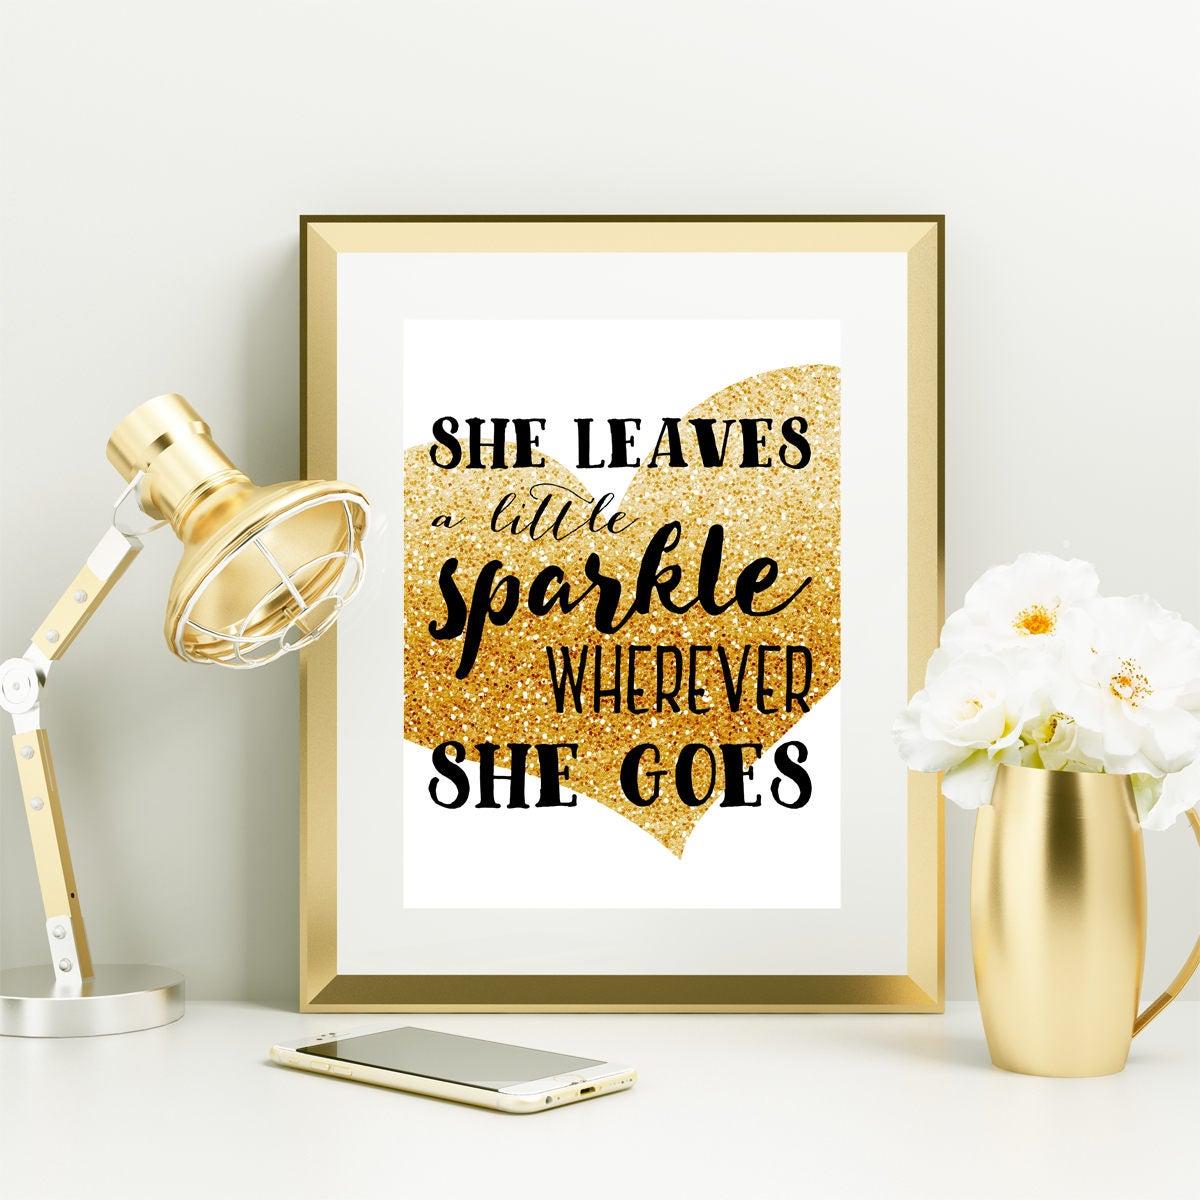 Gold Glitter Home Decor She Leaves a Little Sparkle Wherever